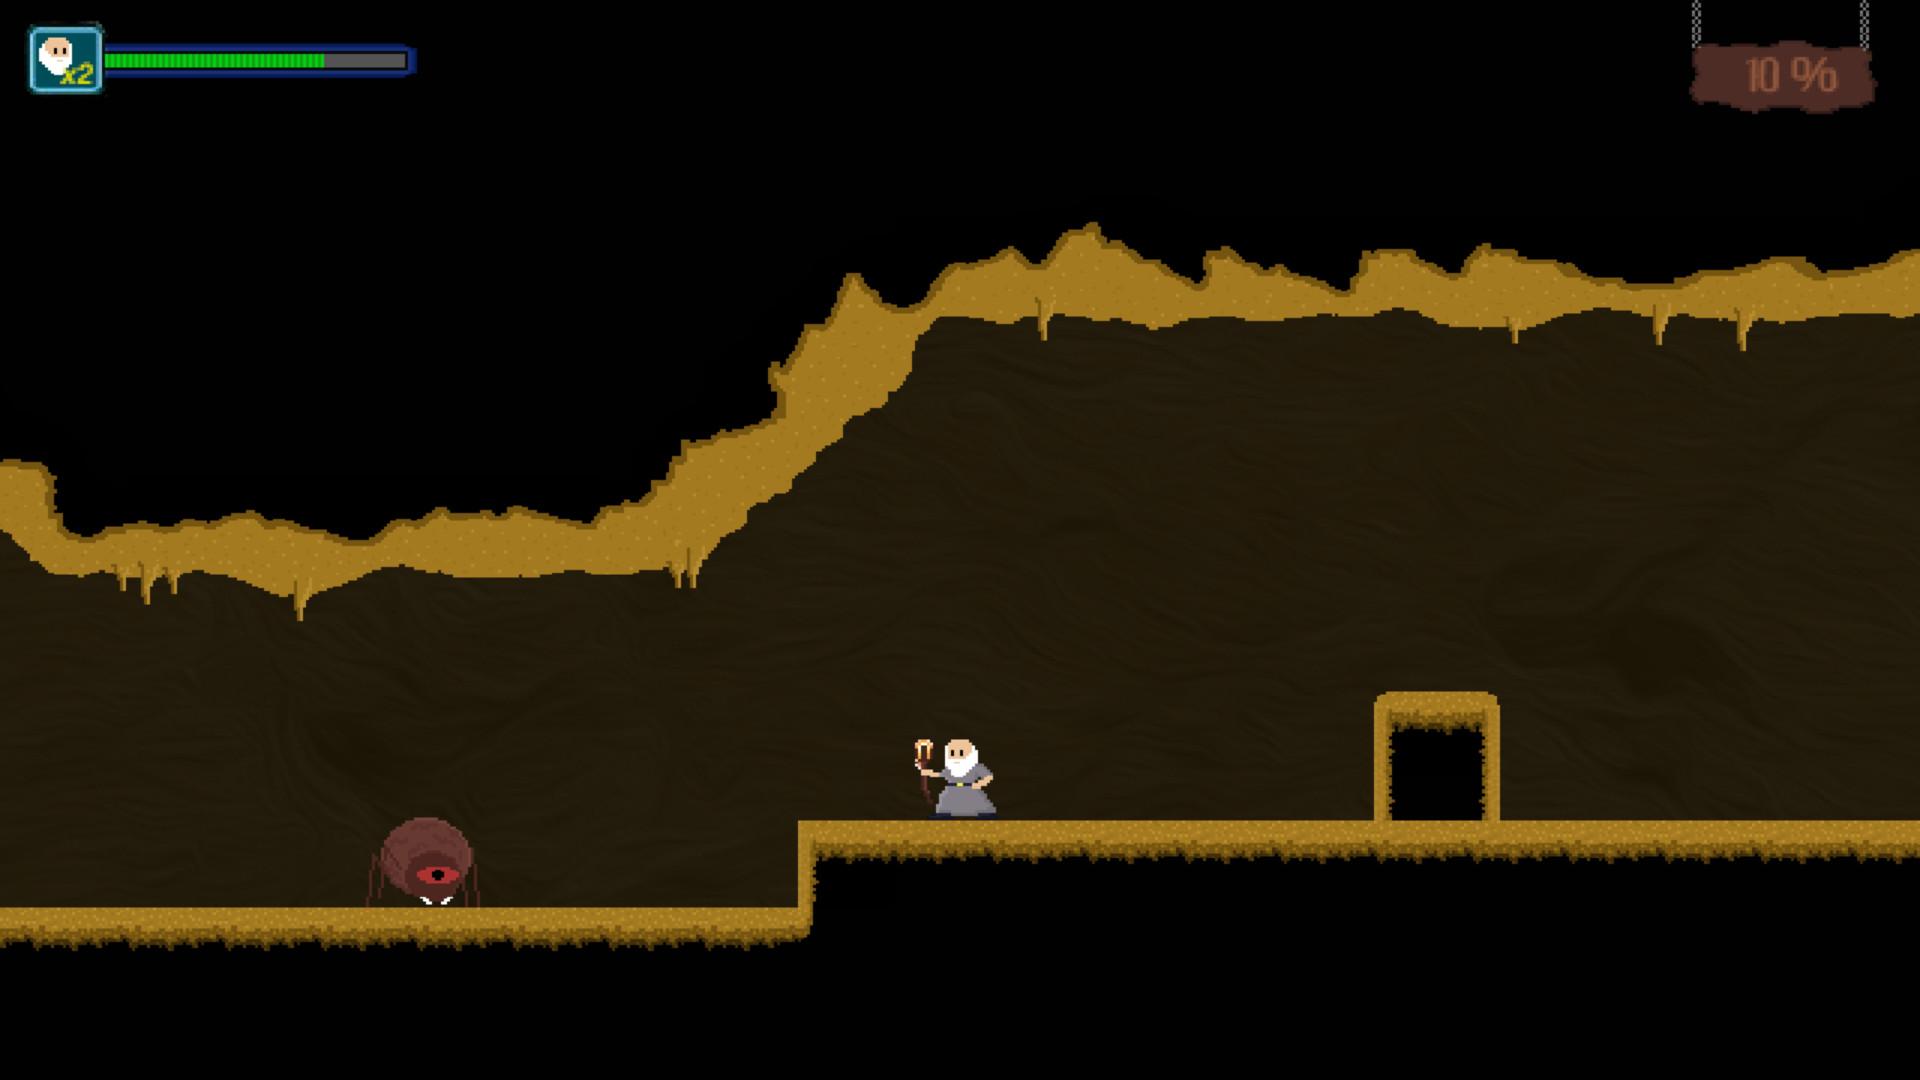 com.steam.600530-screenshot